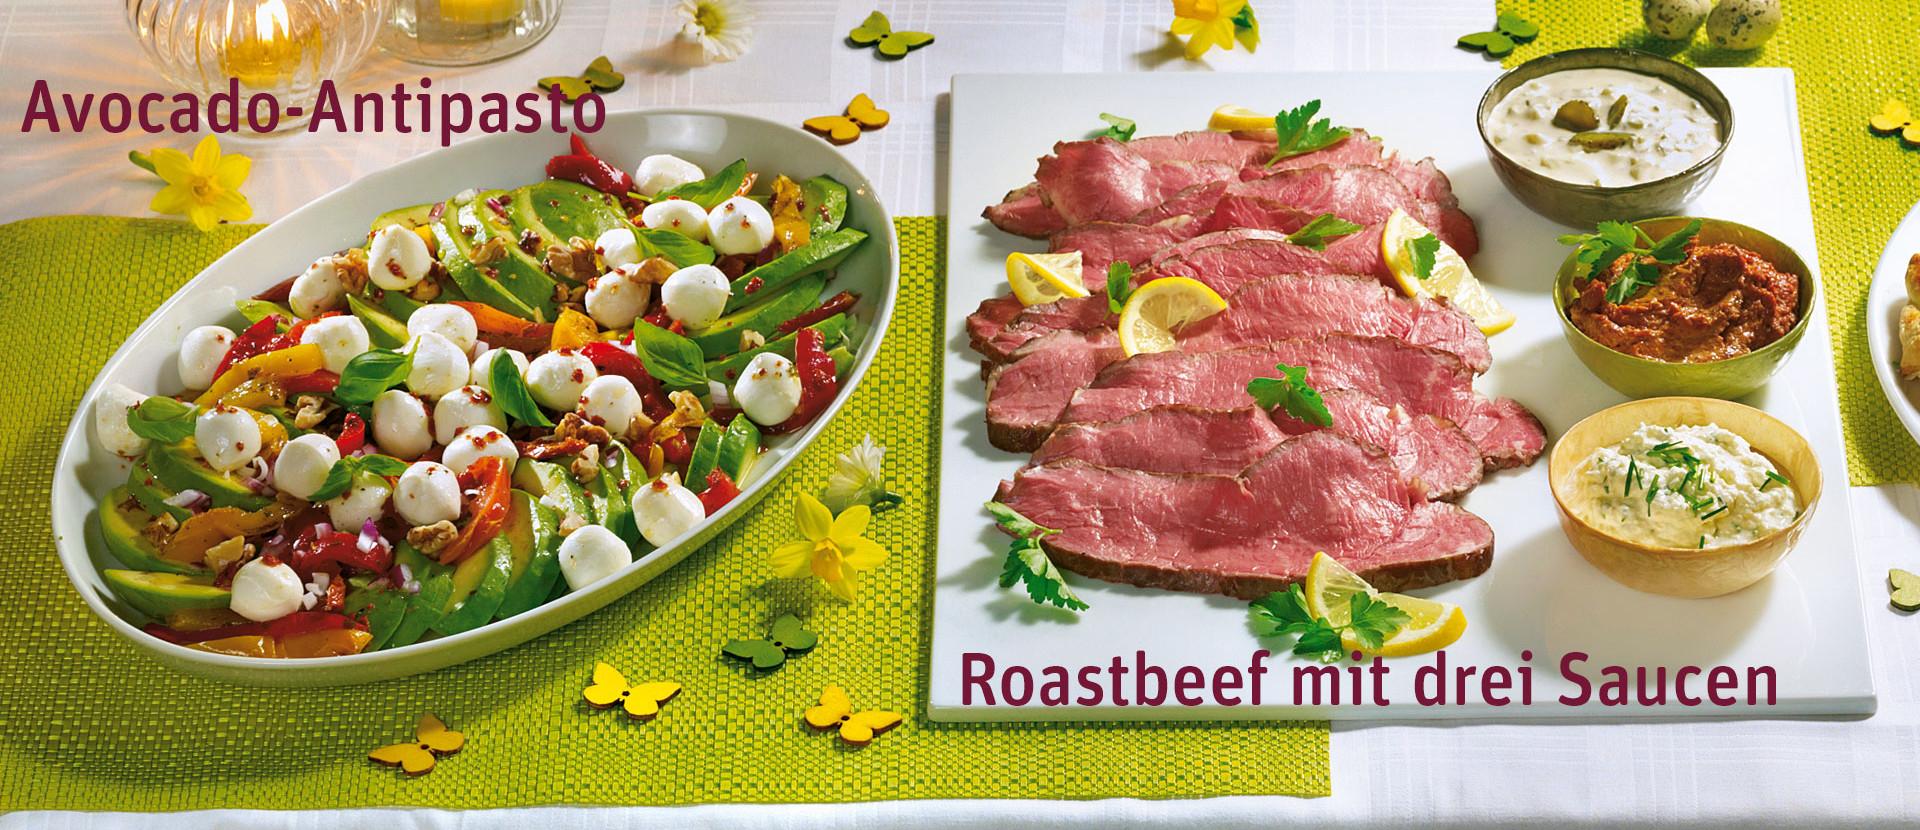 Avocado Antipasto und Roasbeef mit drei Saucen auf einem Tisch